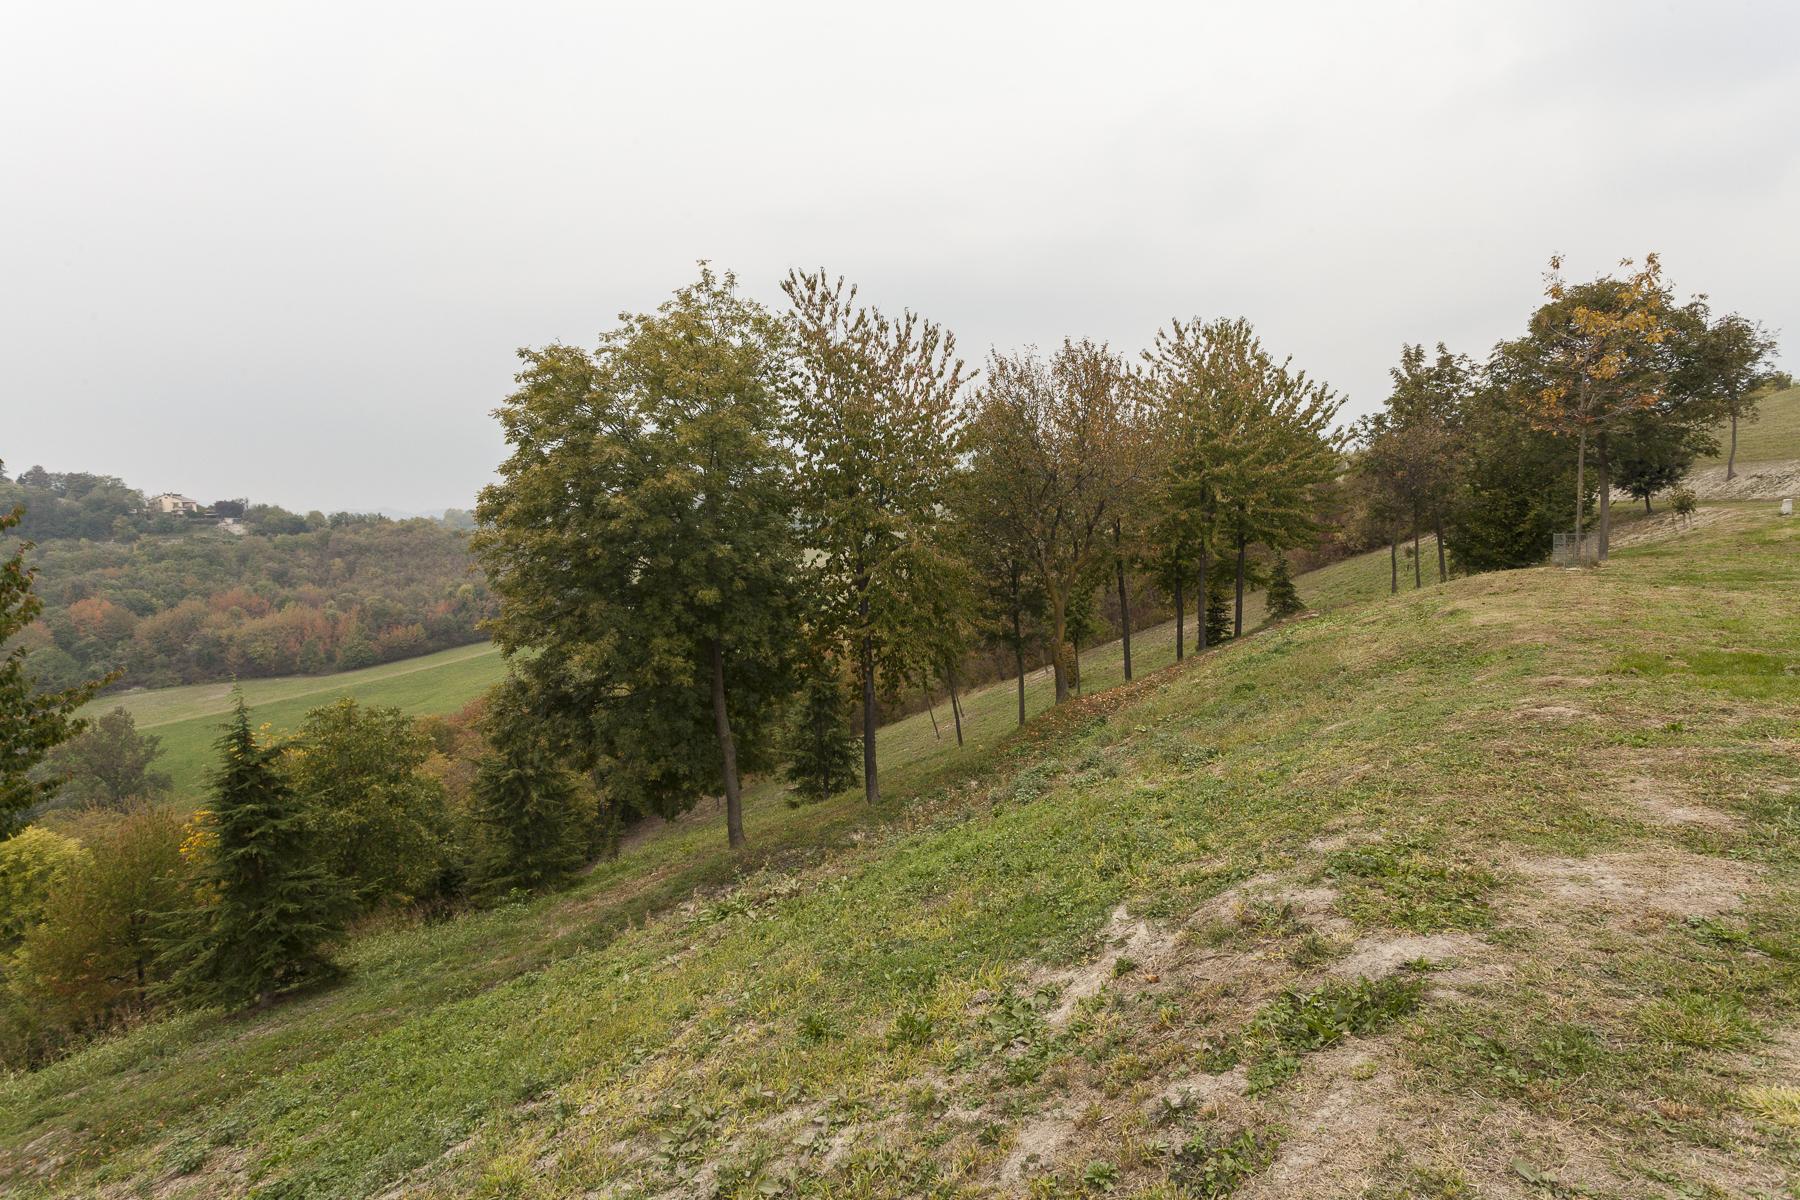 Rustico in Vendita a Sciolze: 5 locali, 500 mq - Foto 6